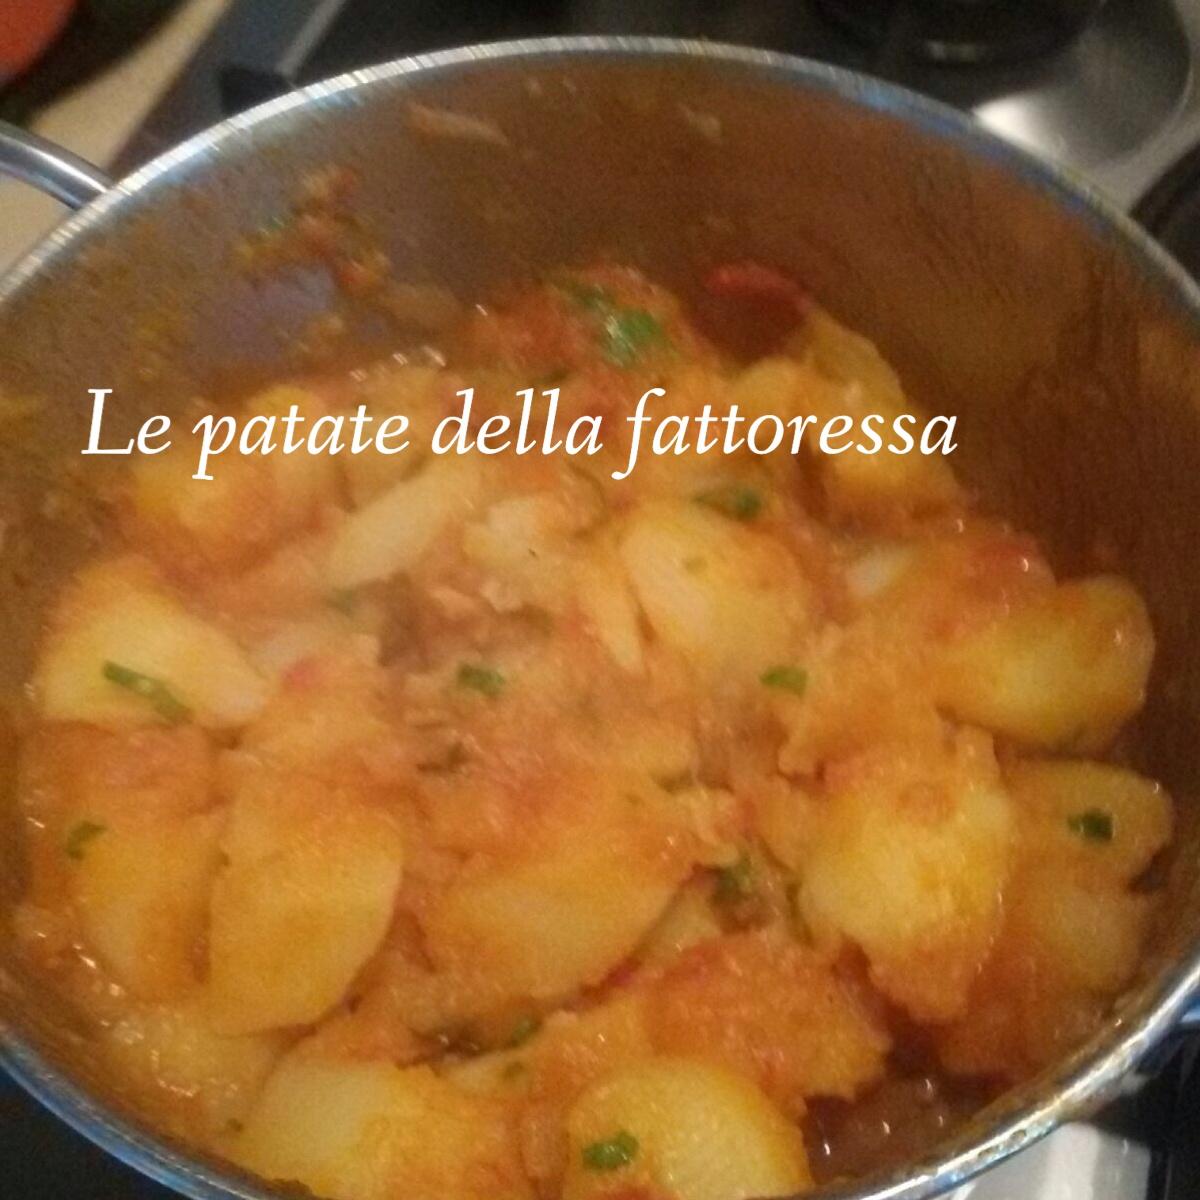 patate-della-fattoressa.JPG